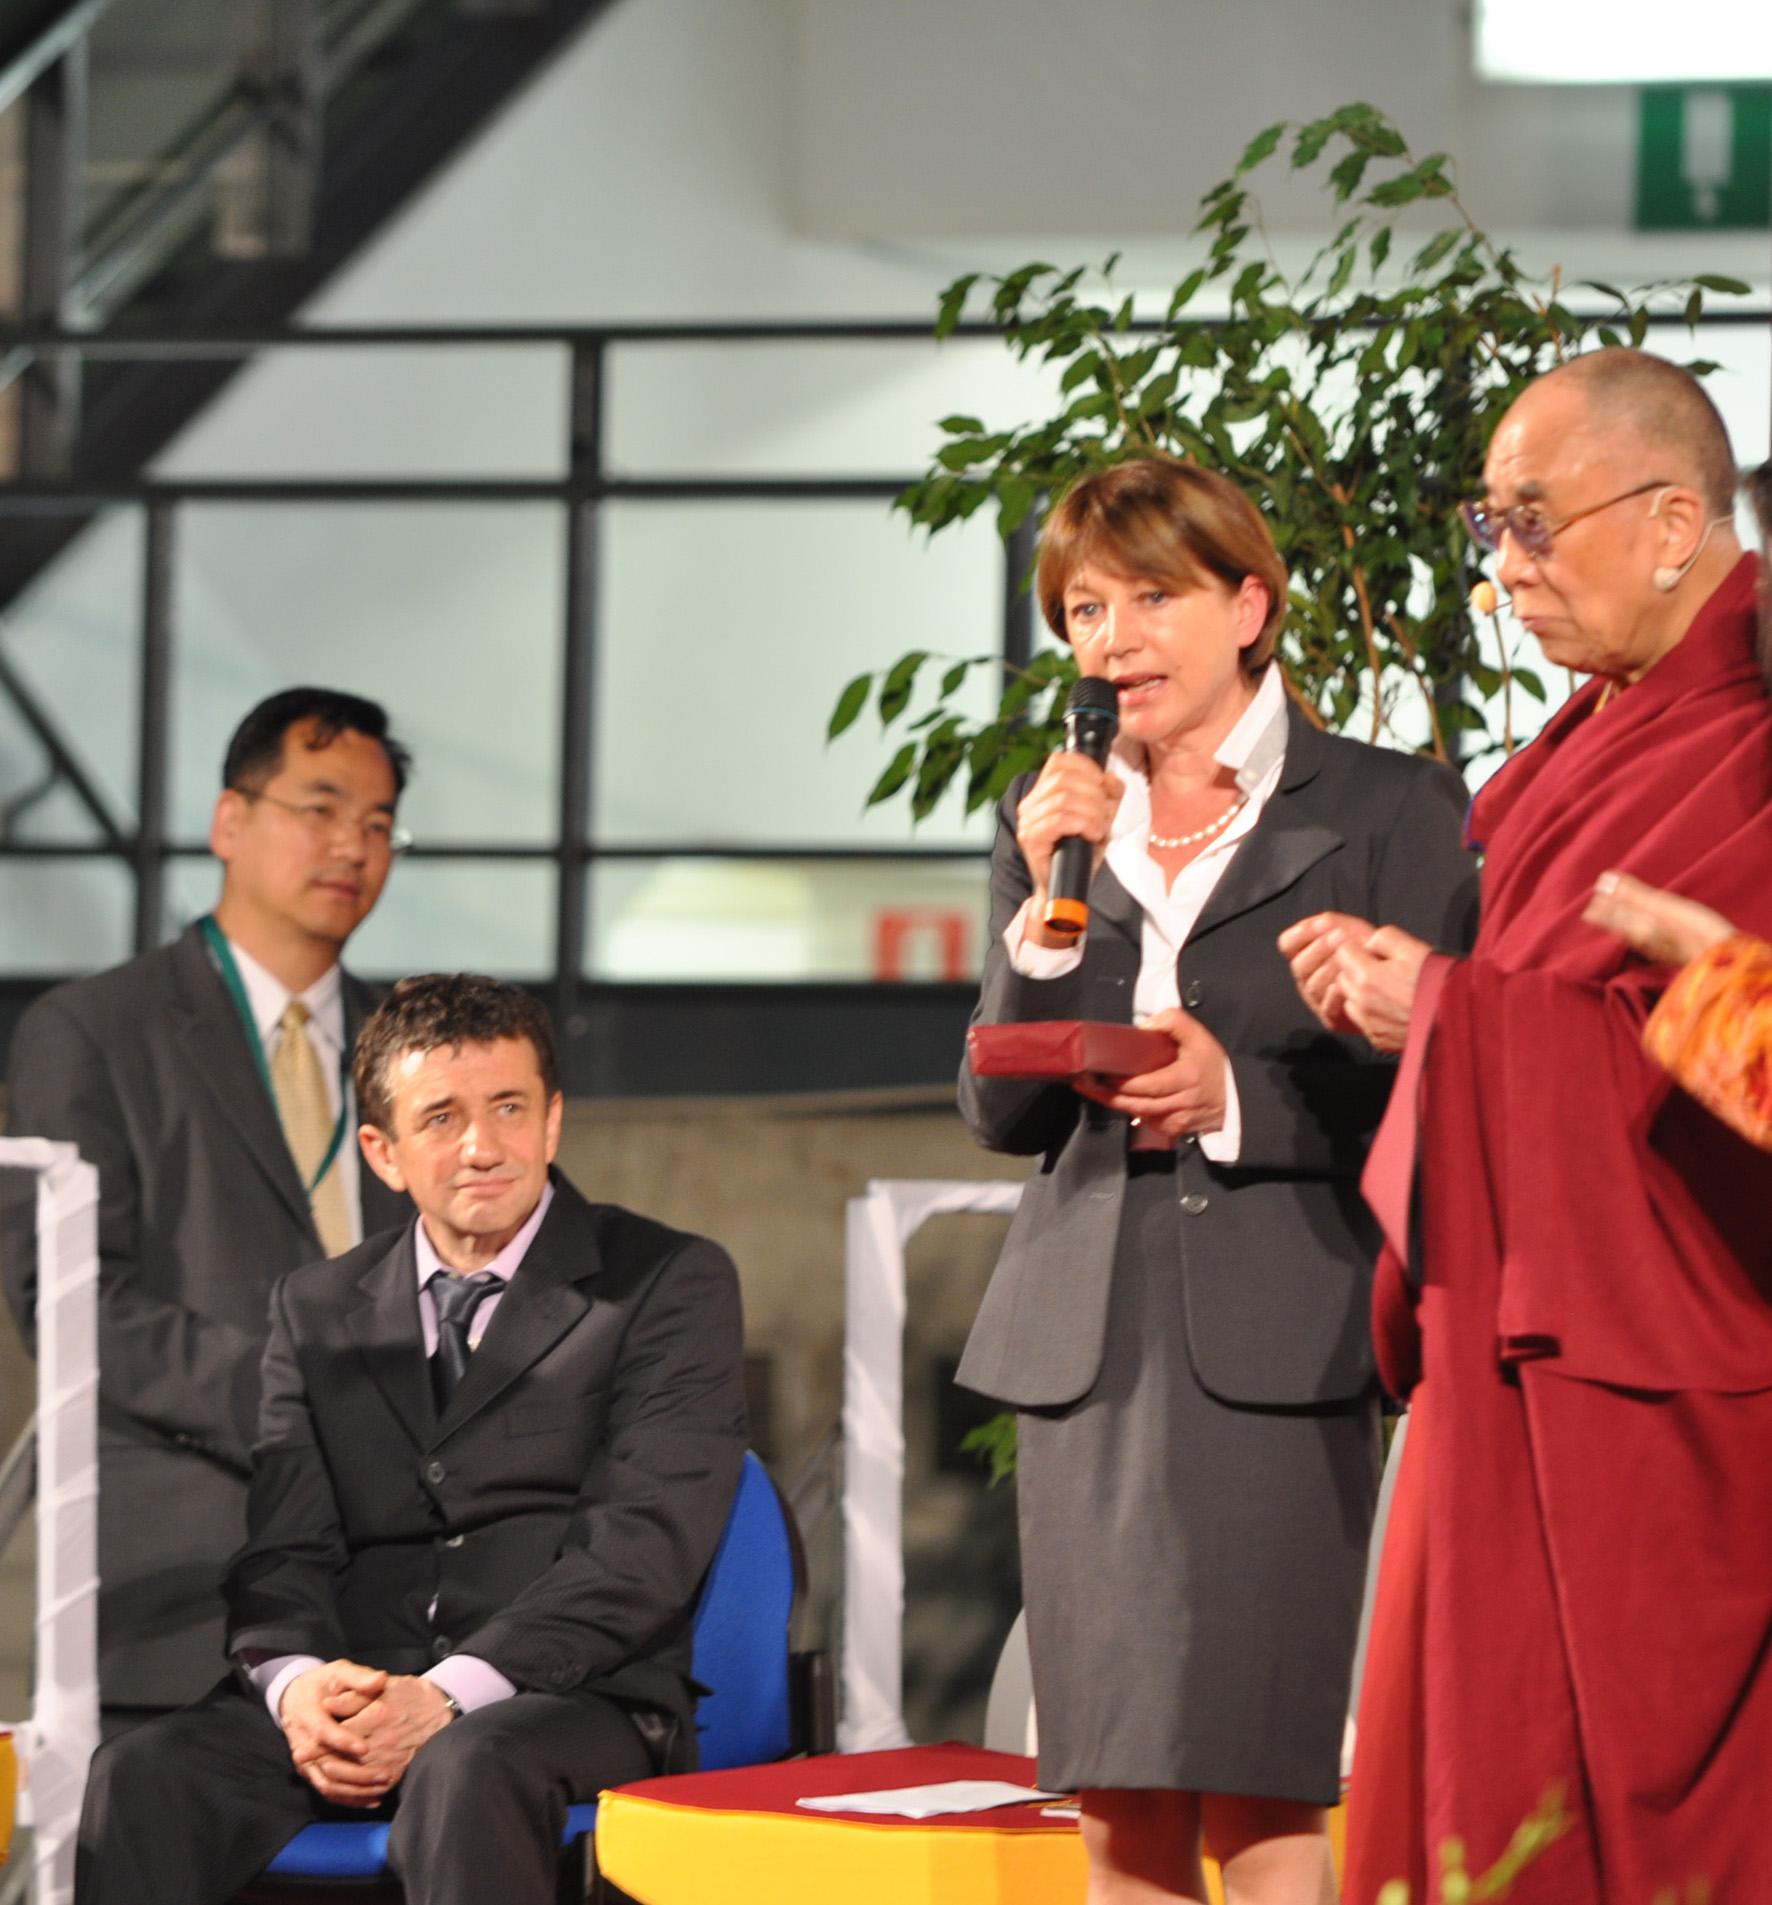 Sua Santità il Dalai Lama: E' importante inserire amorevole gentilezza nella propria vita quotidiana, inserire l'amore e la compassione in tutti i campi educativi.